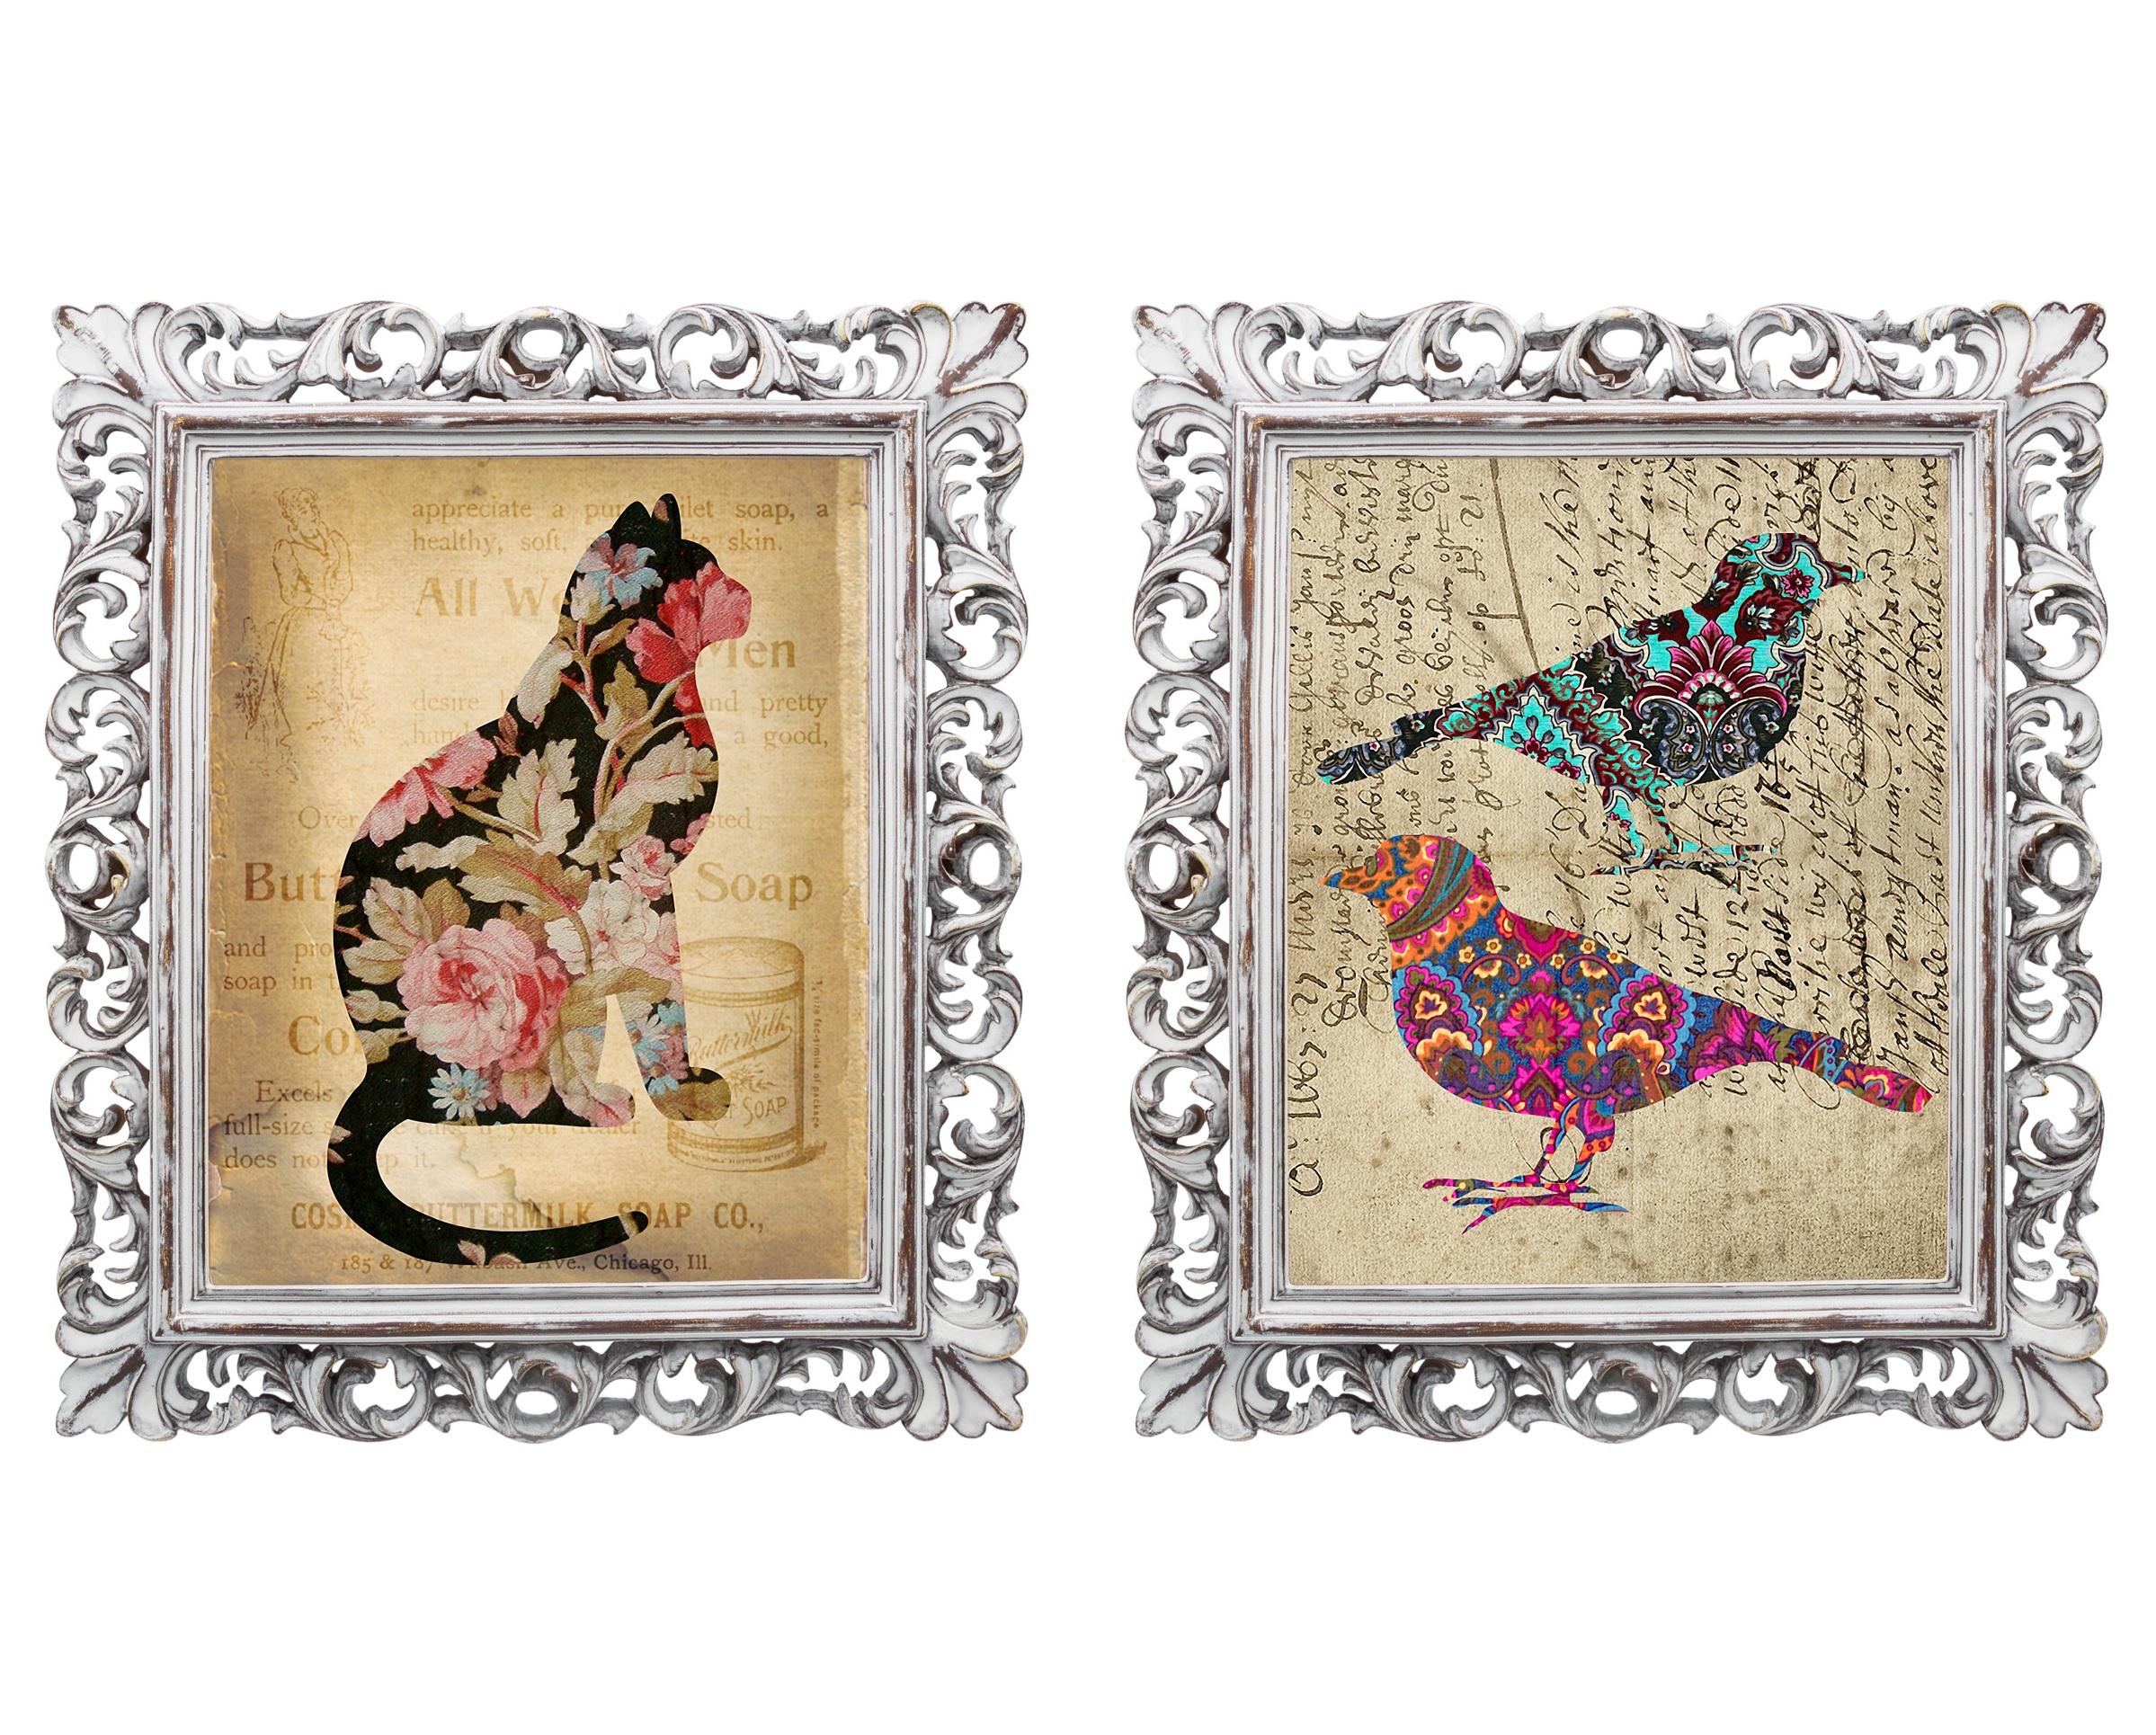 Набор из двух репродукций старинных картин в раме Мадлен. Арт-ДекоКартины<br>Репродукции старинных картин «Арт-Деко» в красивых рамах созданы для того, чтобы притягивать взгляд, удивлять гостей Вашего дома. Живое настроение этих картин способно изменить атмосферу в доме так, как Вам захочется. Изображения обрамлены винтажными рамами, искусная техника состаривания придает изделию особую теплоту и загадочность. Благородная патина на поверхности рамы — интригующее приглашение к прогулке в мир старинных реликвий! Изображение картины наполнено уникальными эмоциями и тайной, скрытой под кристально прозрачным стеклом. Картину можно повесить на стену, а можно поставить, например, на стол или камин. Защитный стеклянный слой гарантирует долгую жизнь прекрасному изображению. А если Вам захочется обновить интерьер, Вы можете с легкостью заменить изображение картины!&amp;lt;div&amp;gt;&amp;lt;br&amp;gt;&amp;lt;/div&amp;gt;&amp;lt;br&amp;gt;<br><br>Material: Бумага<br>Width см: 28,8<br>Depth см: 2,3<br>Height см: 33,8